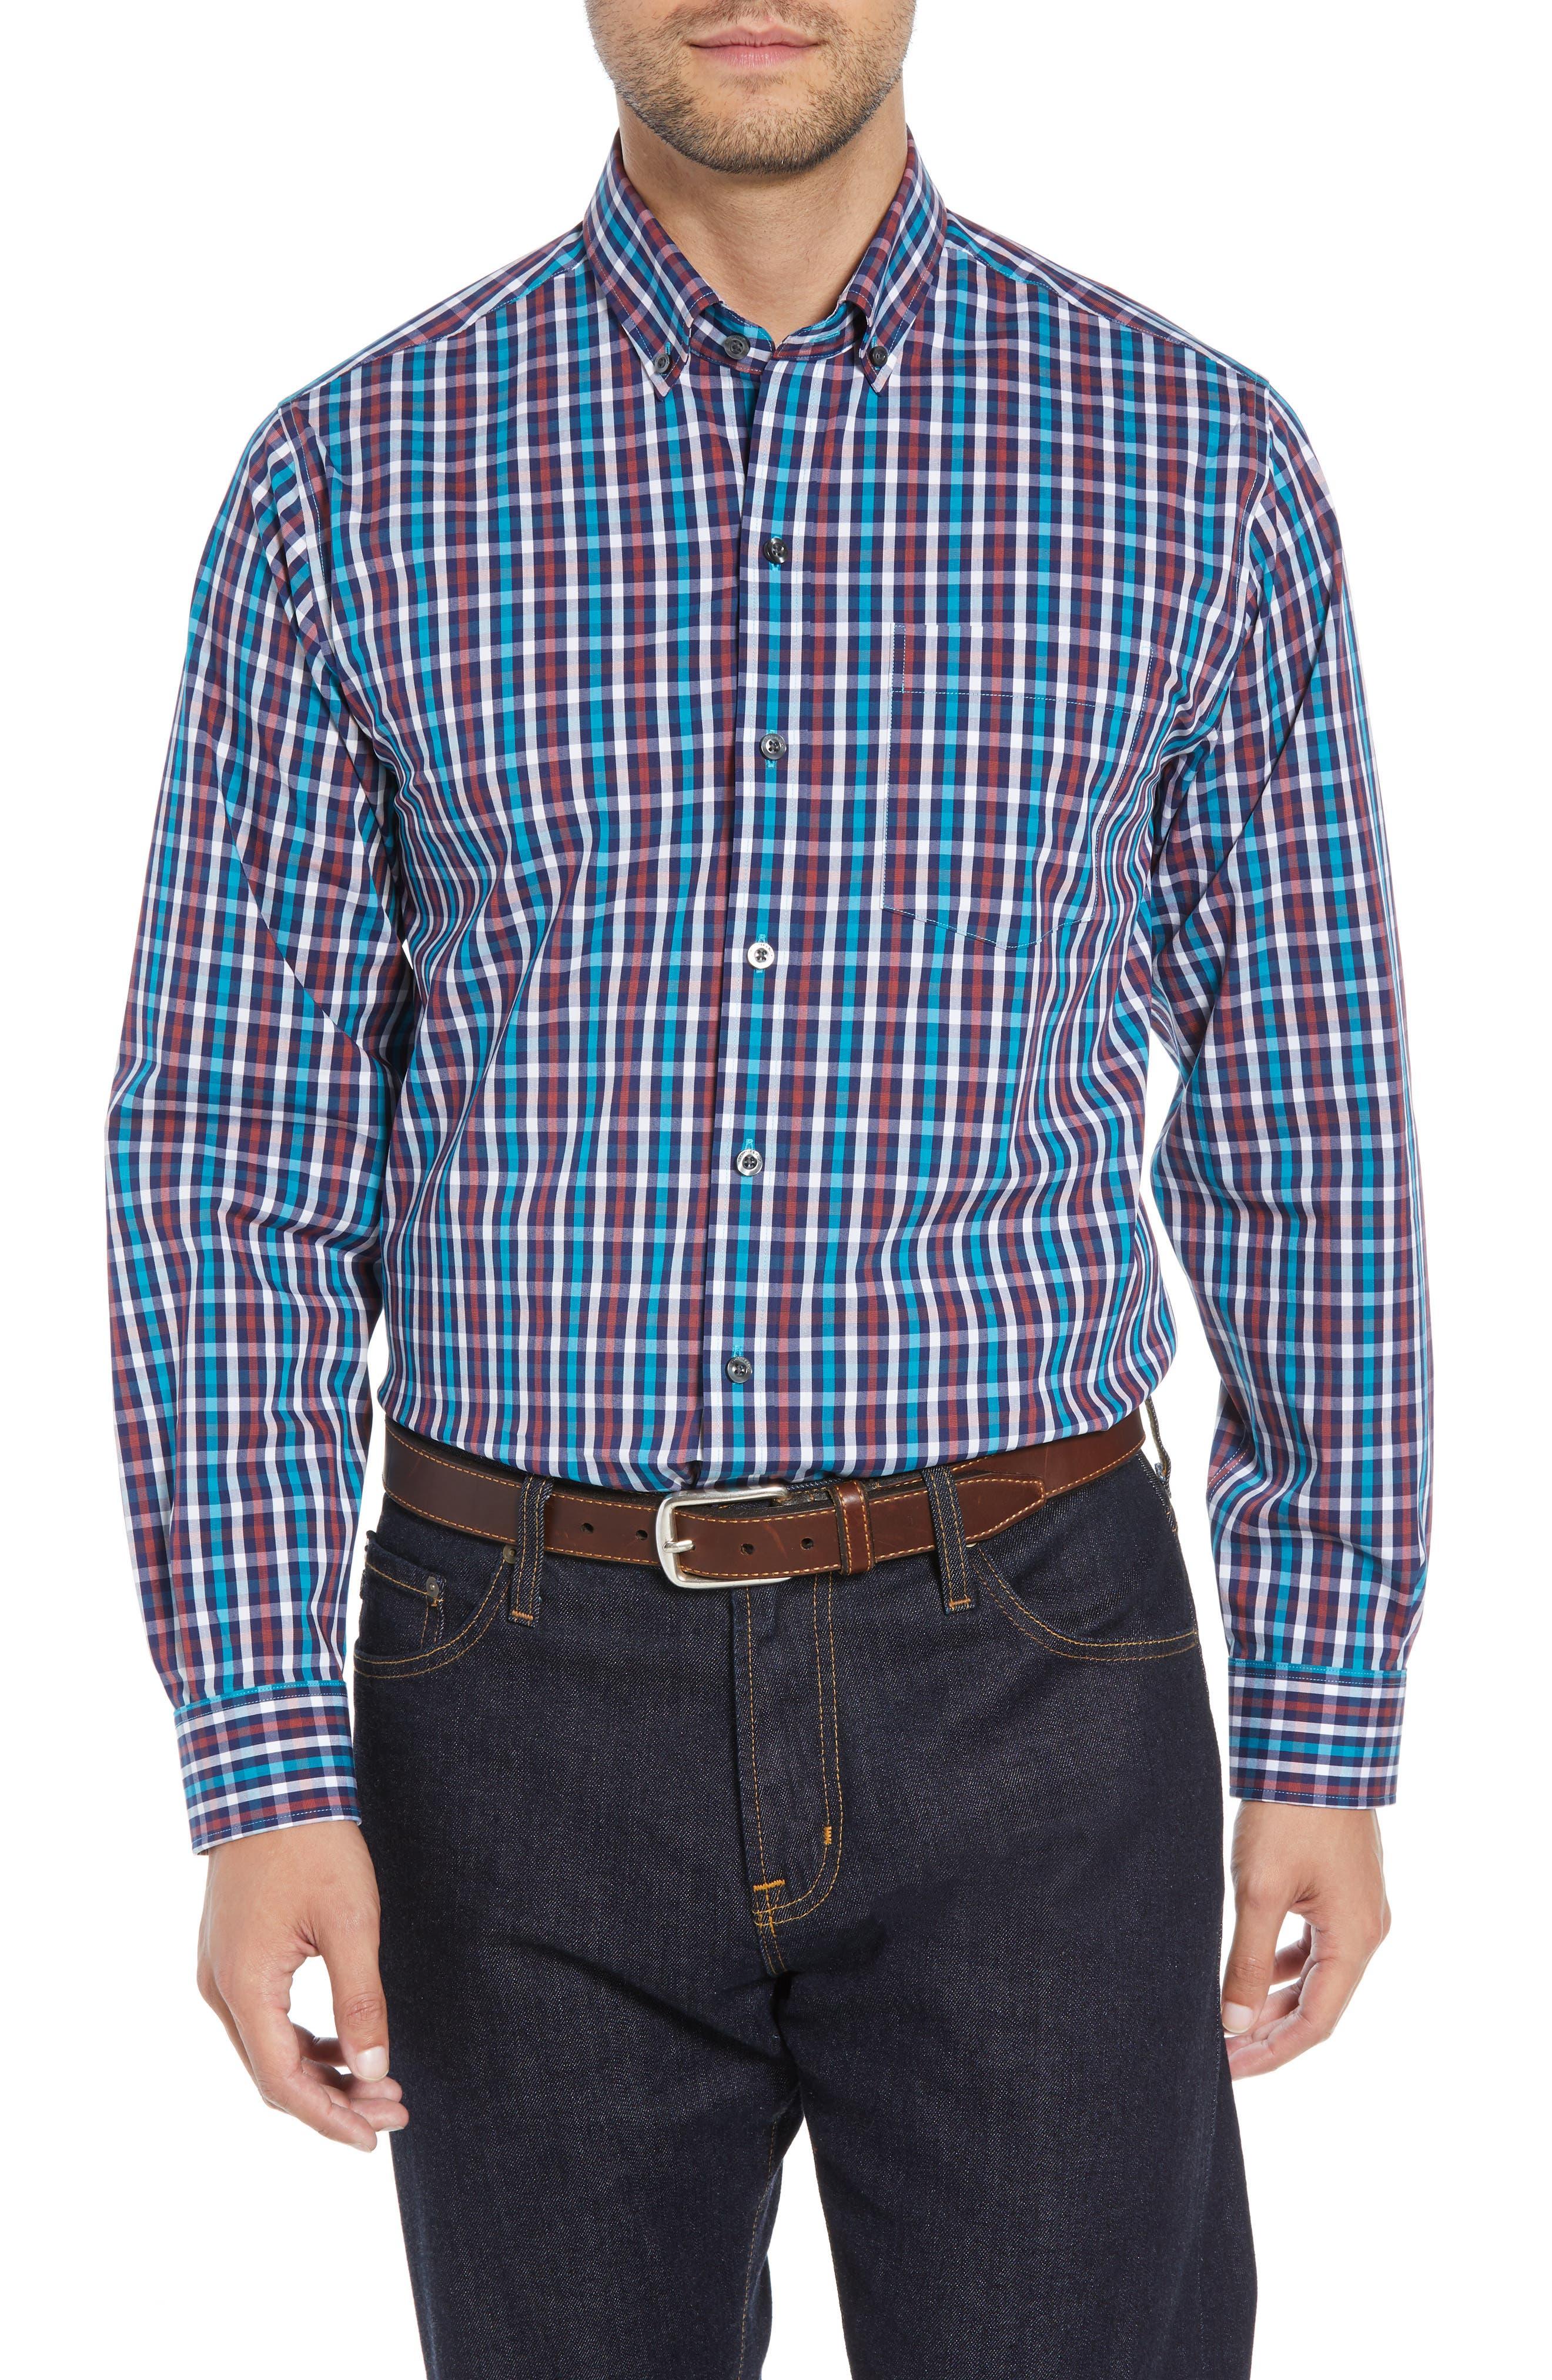 Cutter & Buck Albert Regular Fit Wrinkle Free Check Sport Shirt, Blue